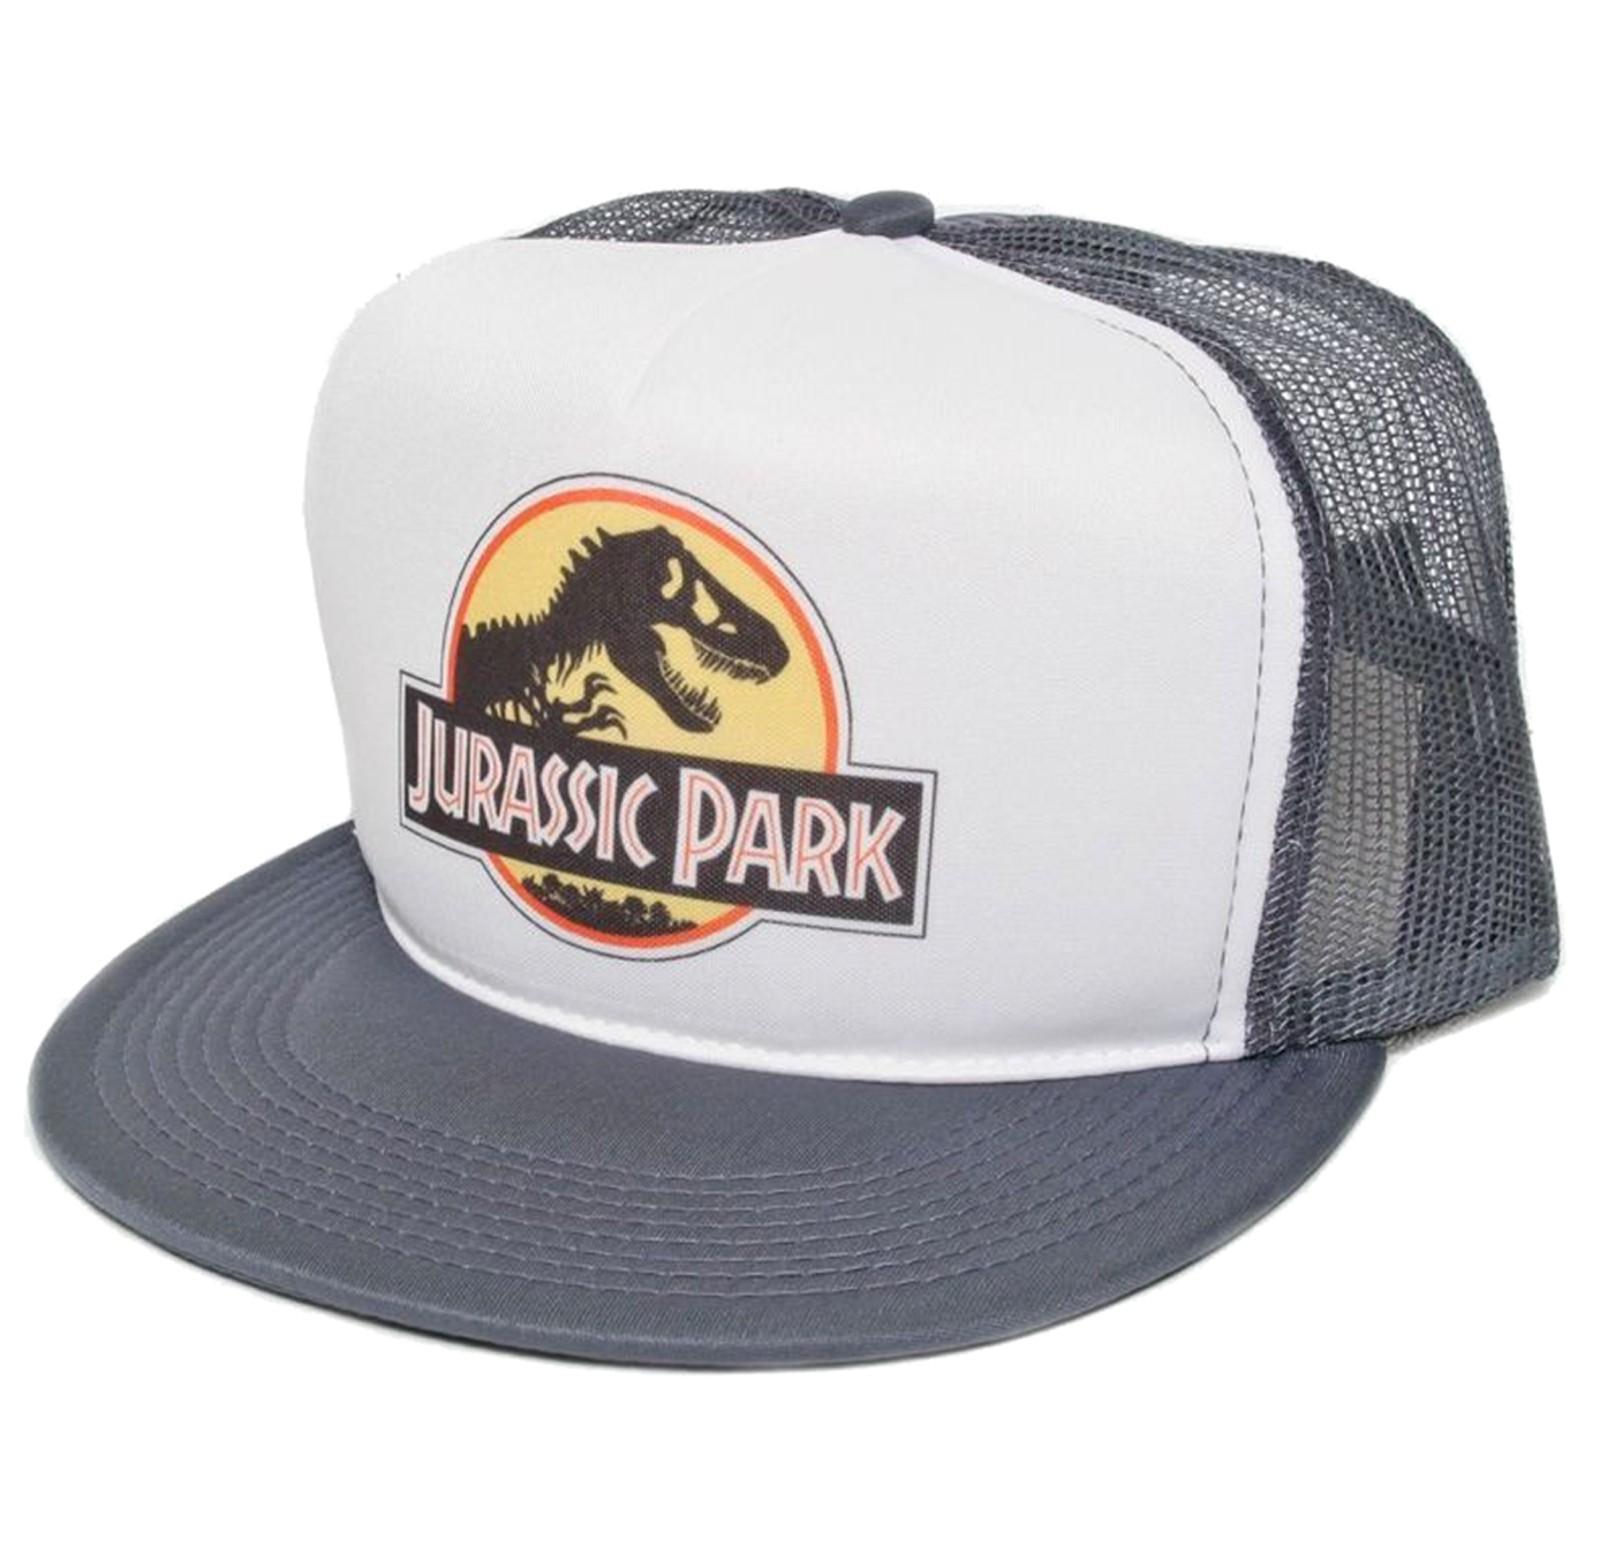 Retro Cap -  Jurassic Park Movie Cap Front